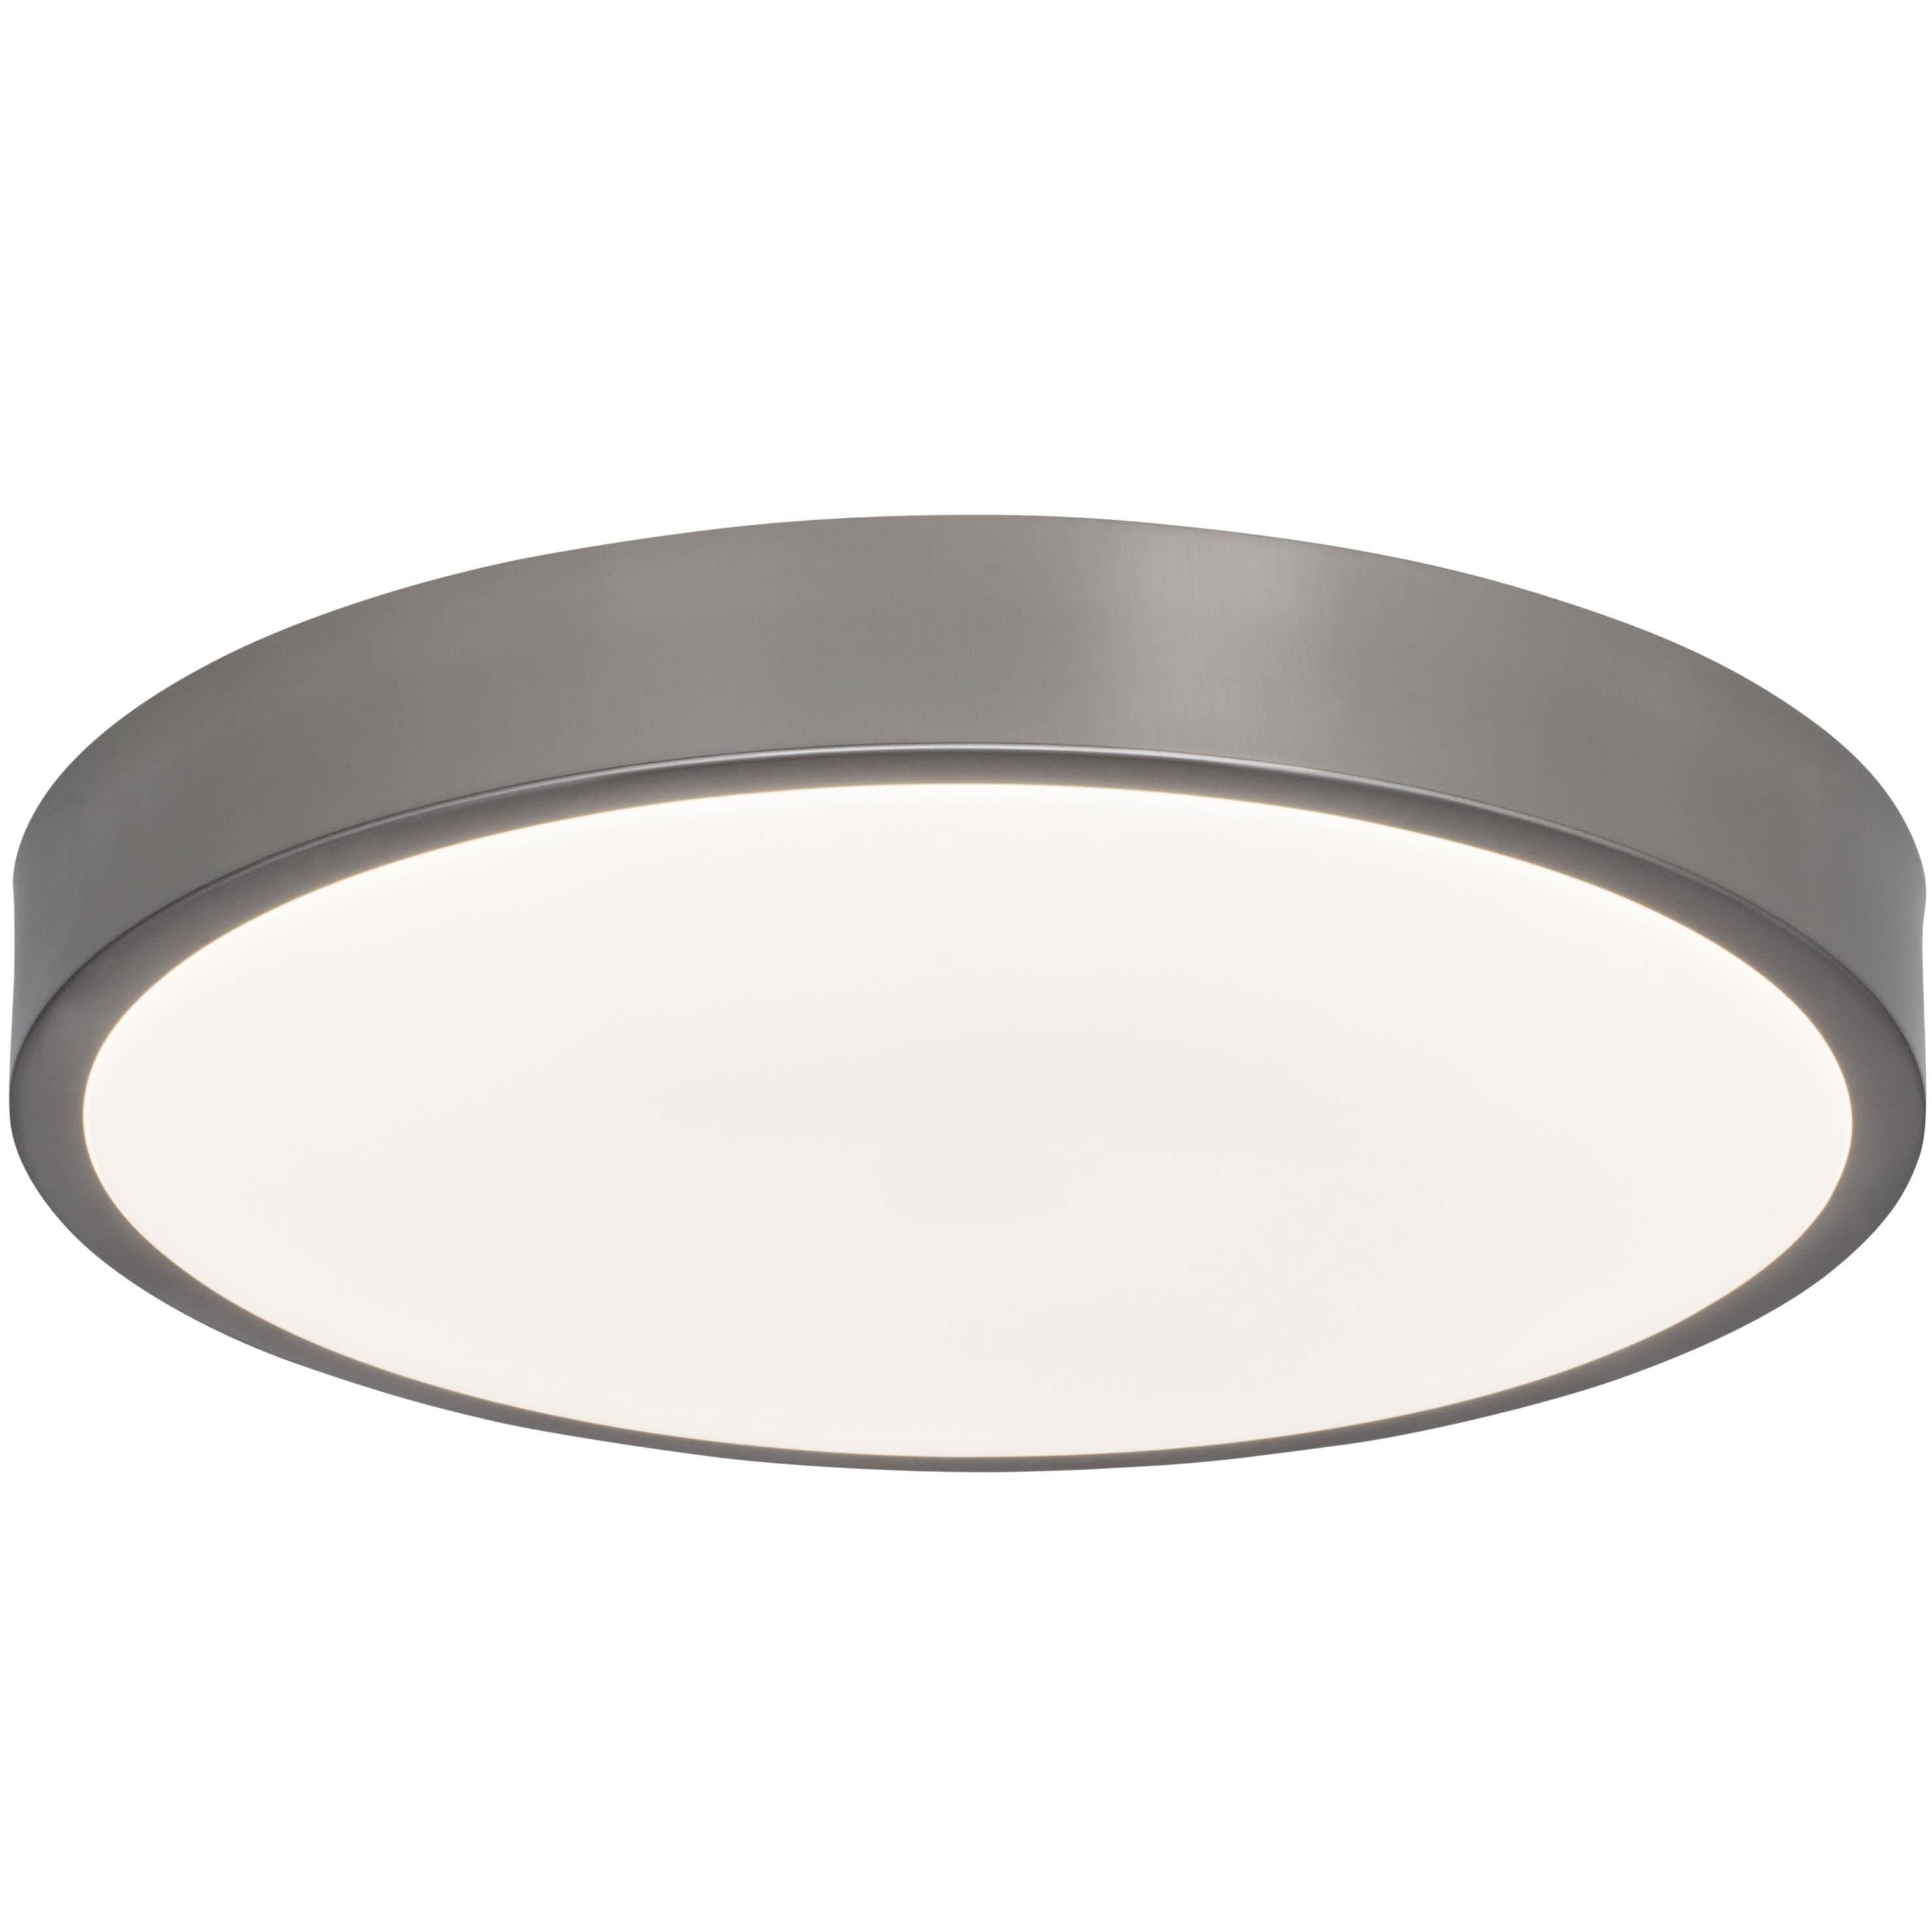 AEG Mikel LED Deckenleuchte 38cm eisen/weiß